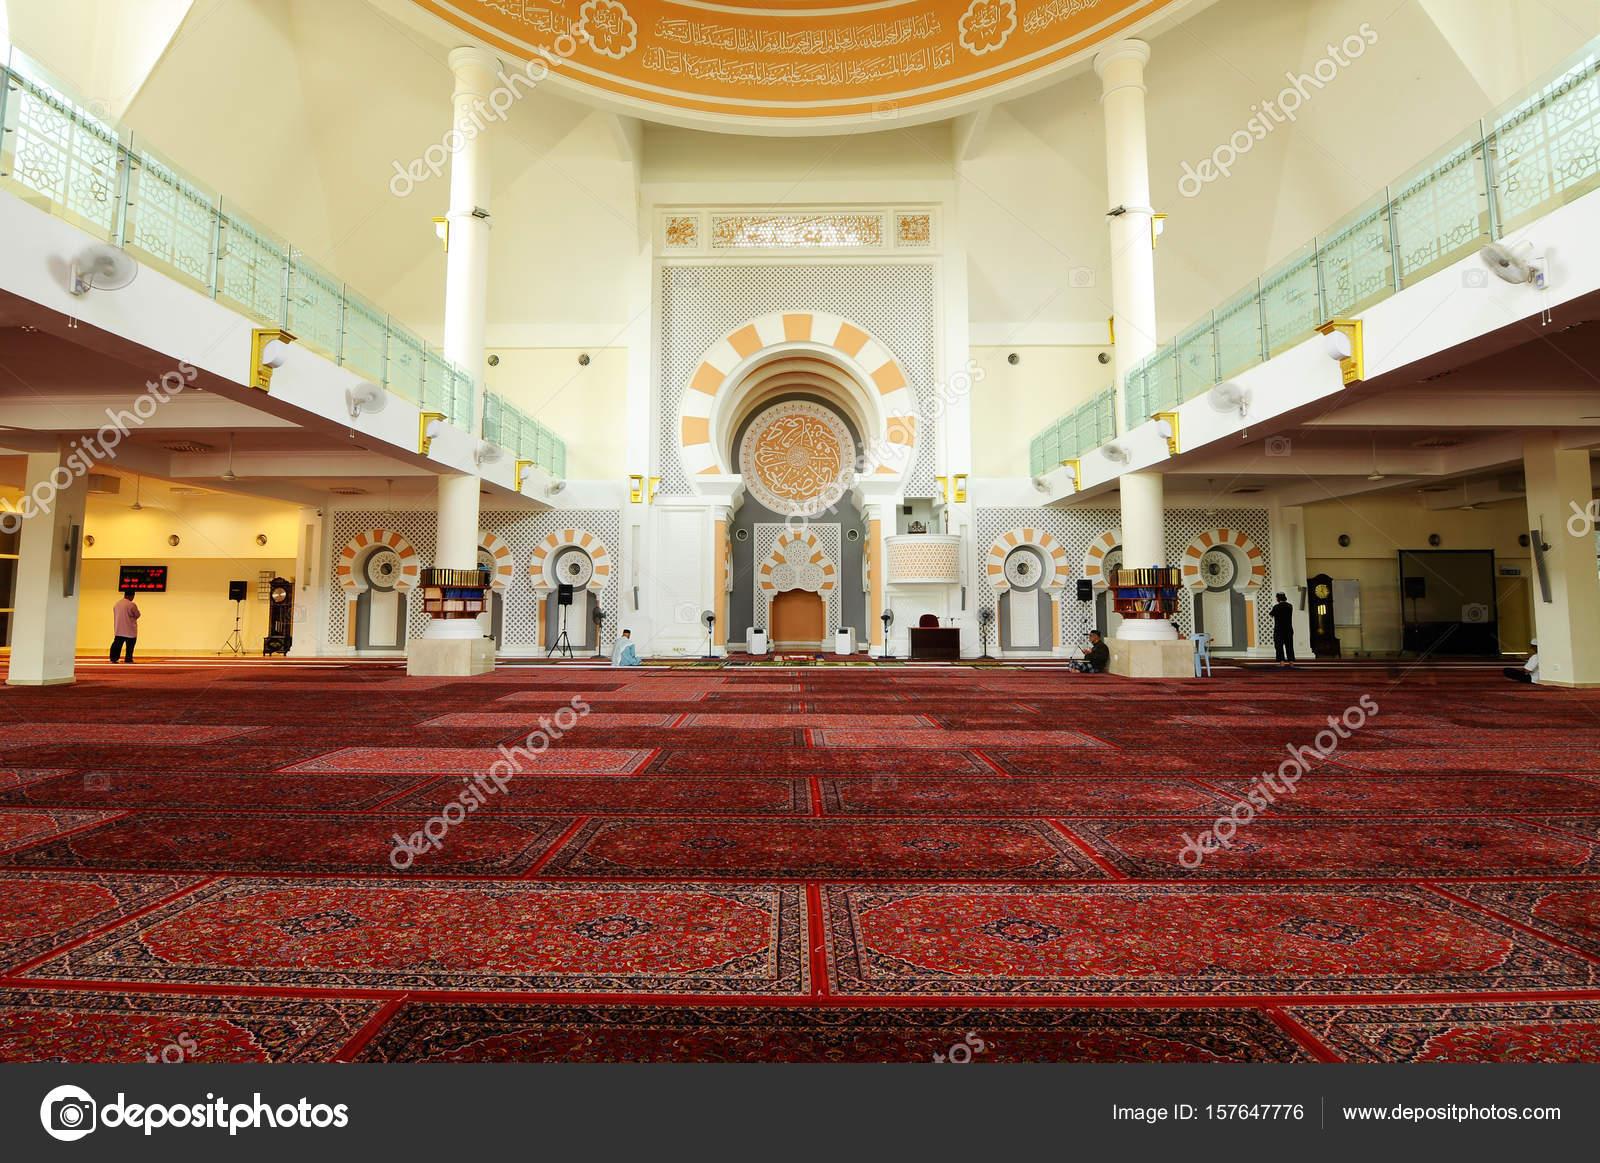 Interior Of Masjid Jamek Sultan Abdul Aziz Stock Editorial Photo C Aisyaqilumar 157647776